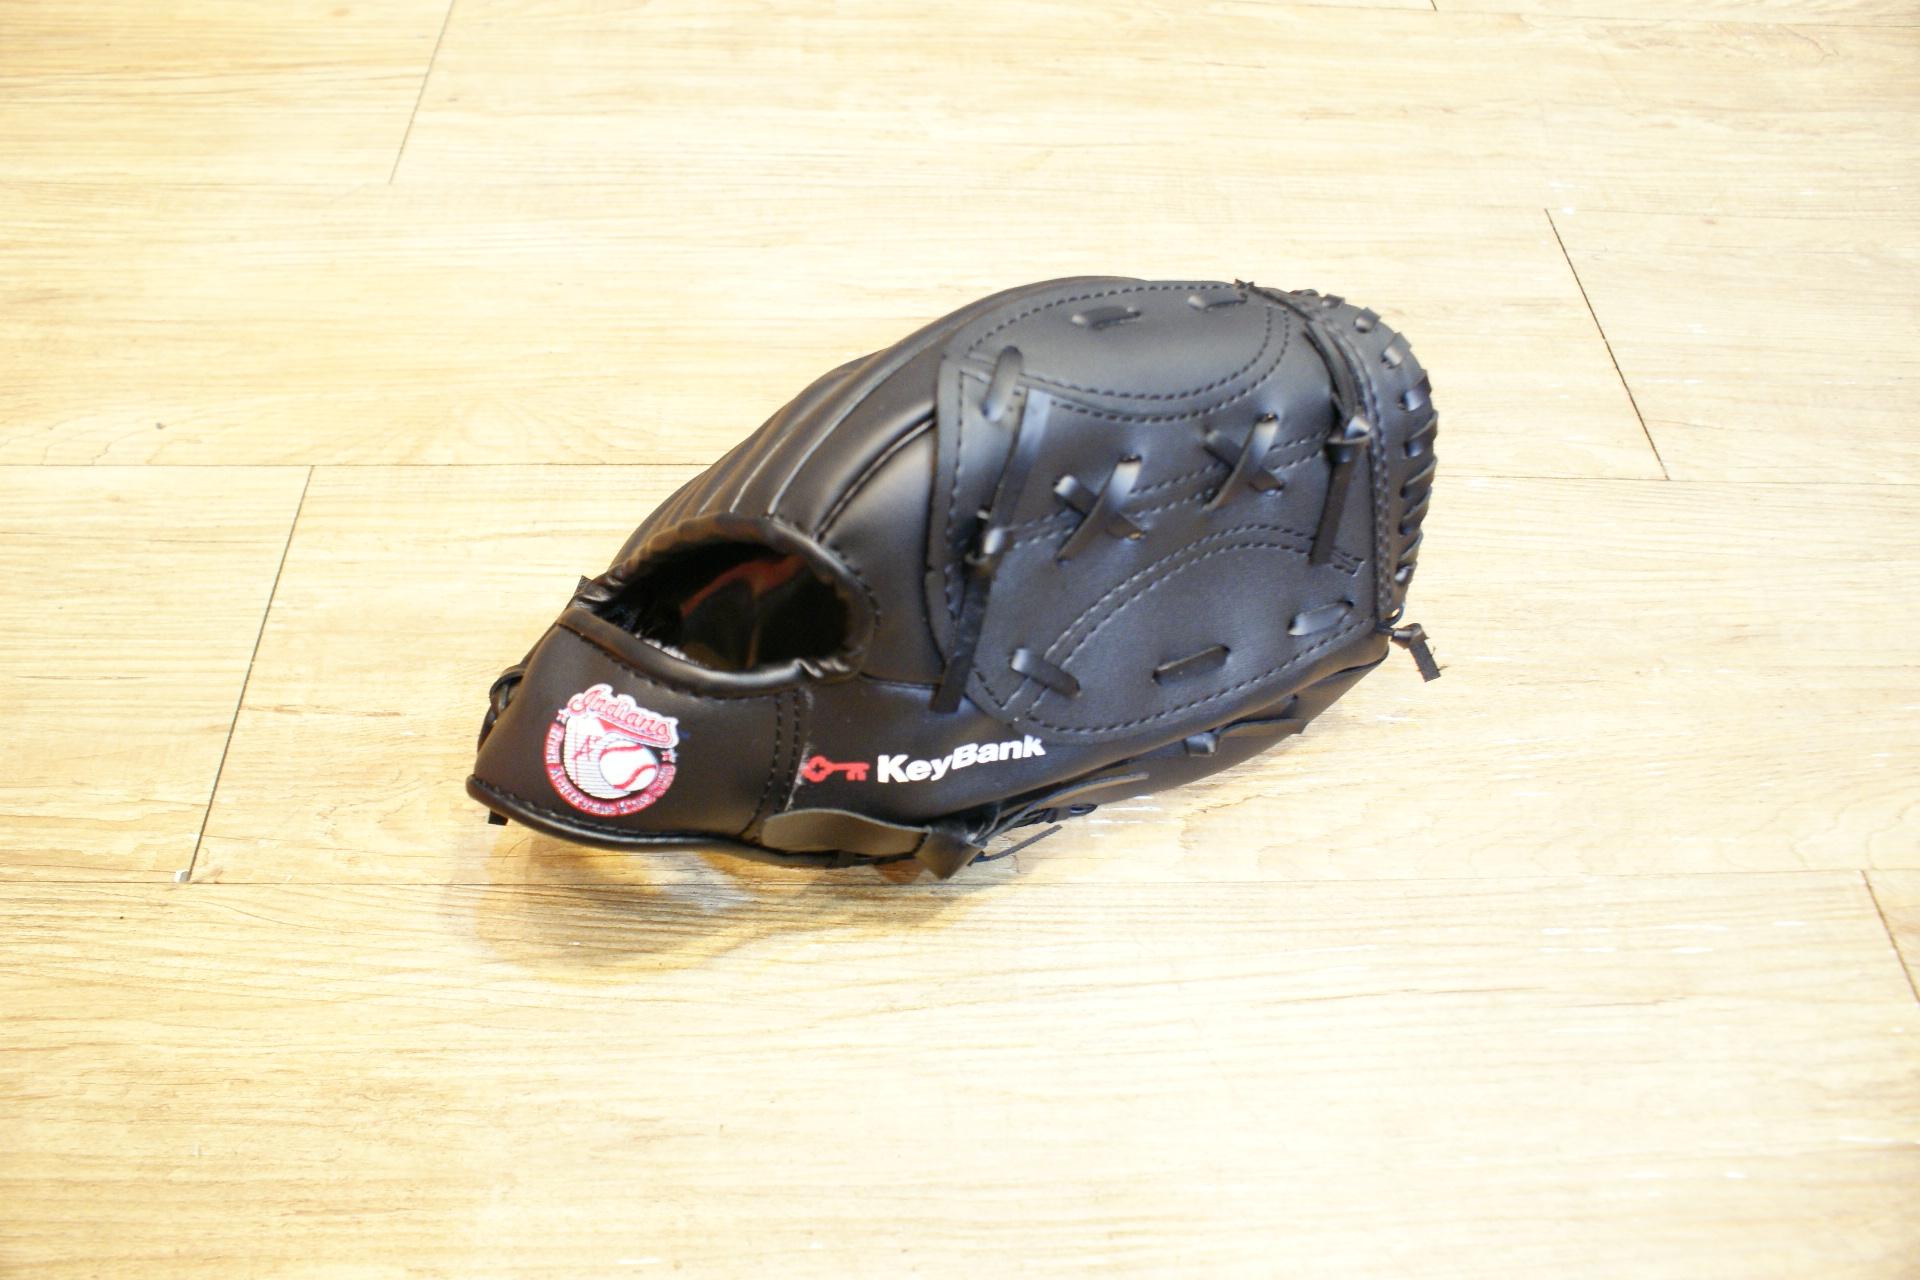 棒球世界 全新黑色合成皮手套 特價 送球